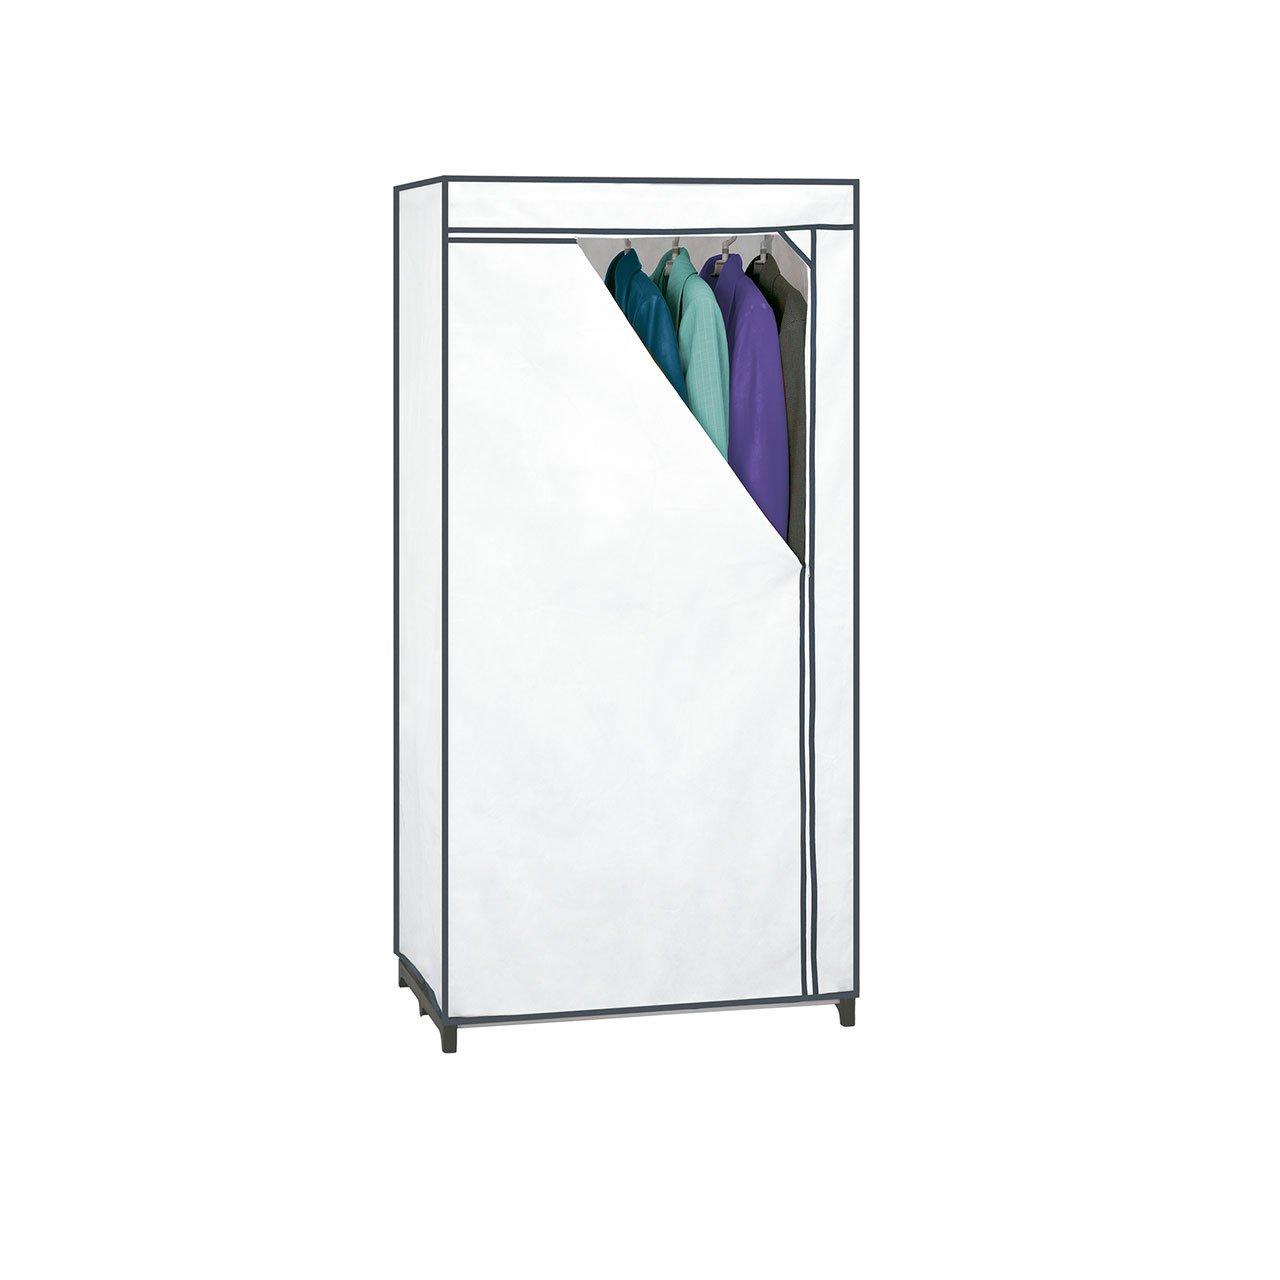 Rayen 2054 Armadio di Tessuto, Materiali di qualità, Bianco, Plastica, Bianco, 155 x 77 x 52 cm organizzazione; interni